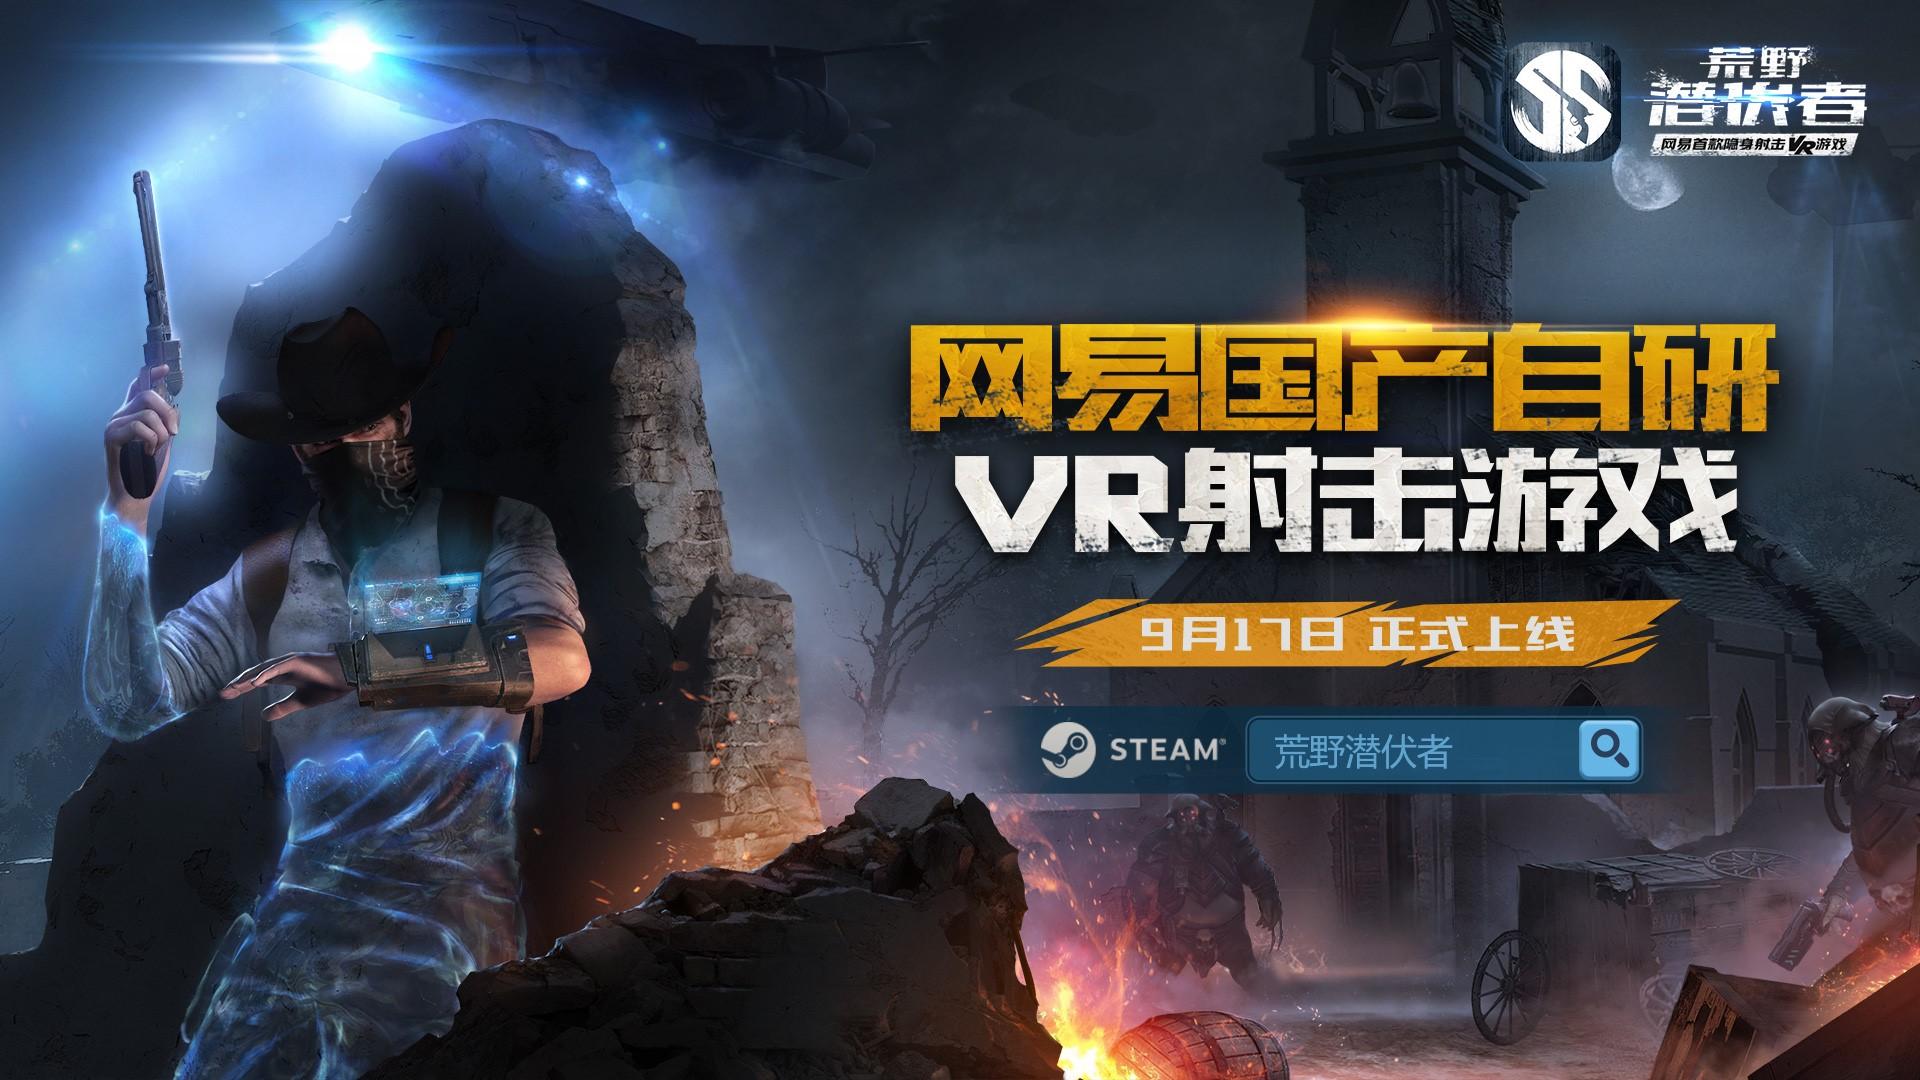 激战西部小镇,VR科幻对抗 《荒野潜伏者》呈现